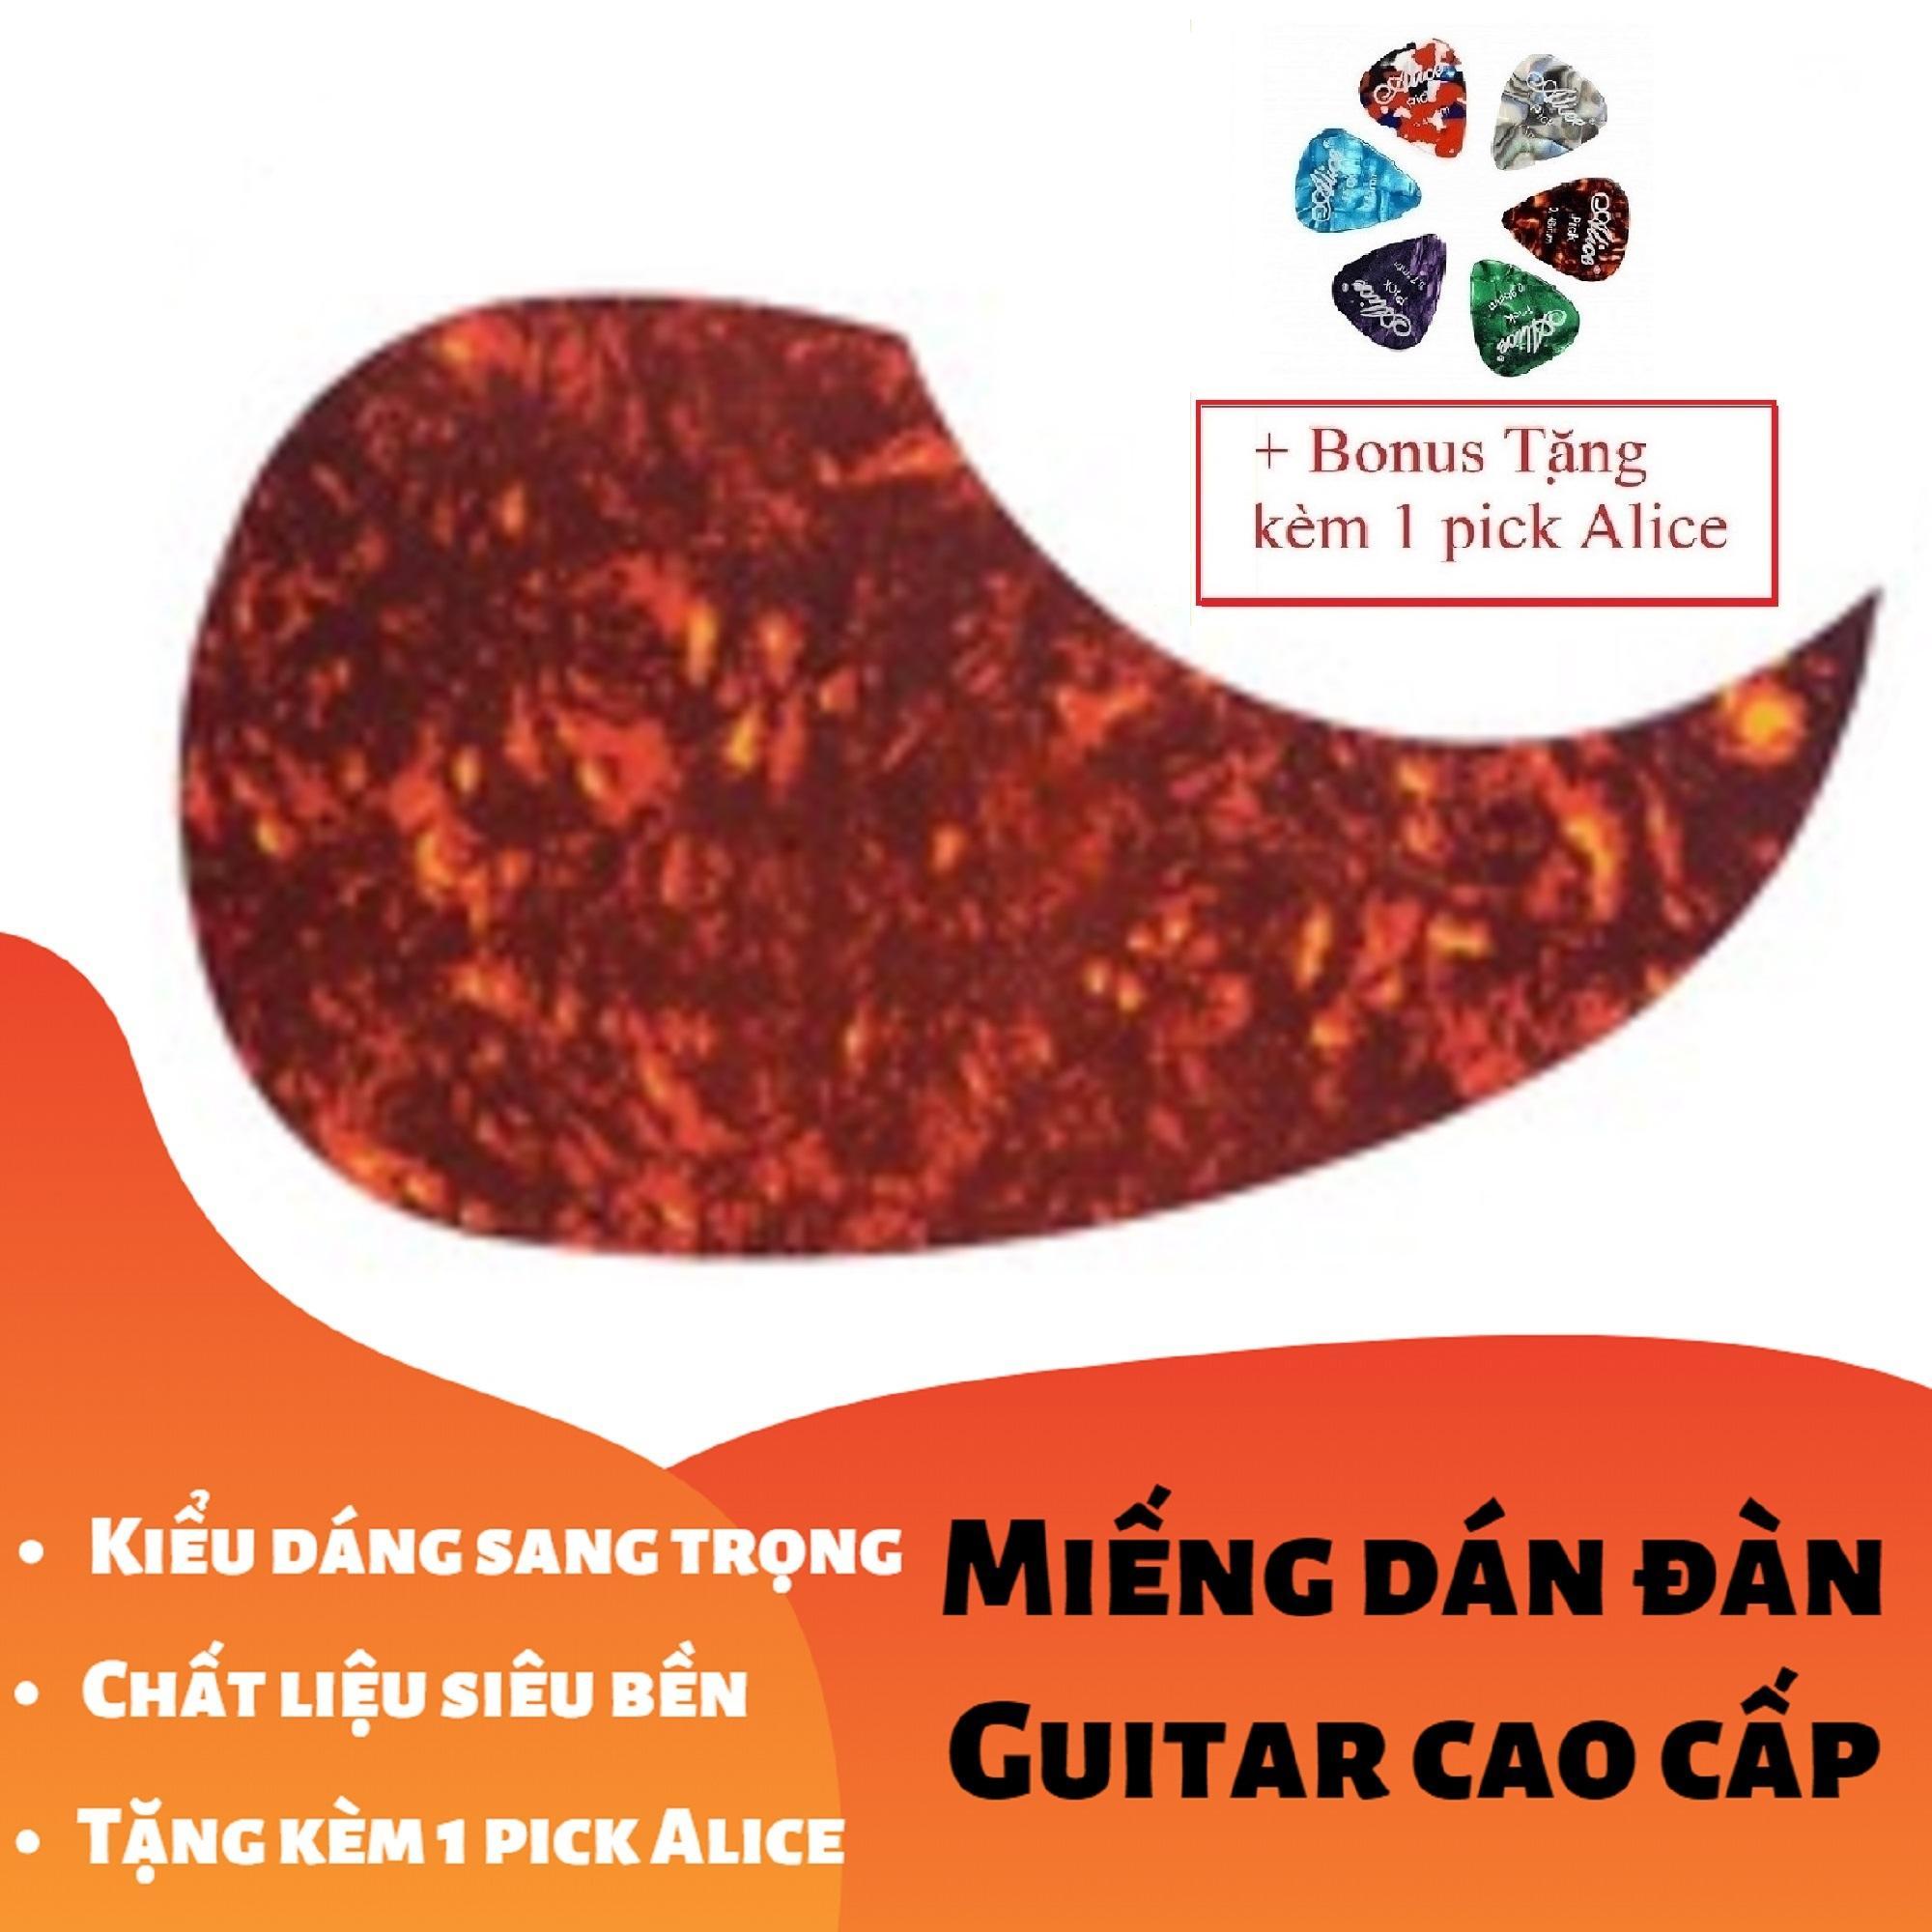 [RẺ GIẬT MÌNH] Miếng Dán Cao Cấp Trang Trí, Bảo Vệ đàn Ghi-ta Hình Giọt Nước Trong Suốt, đỏ, đen (Guitar PickGuard) - Tặng Kèm 1 Pick Alice Giá Ưu Đãi Nhất